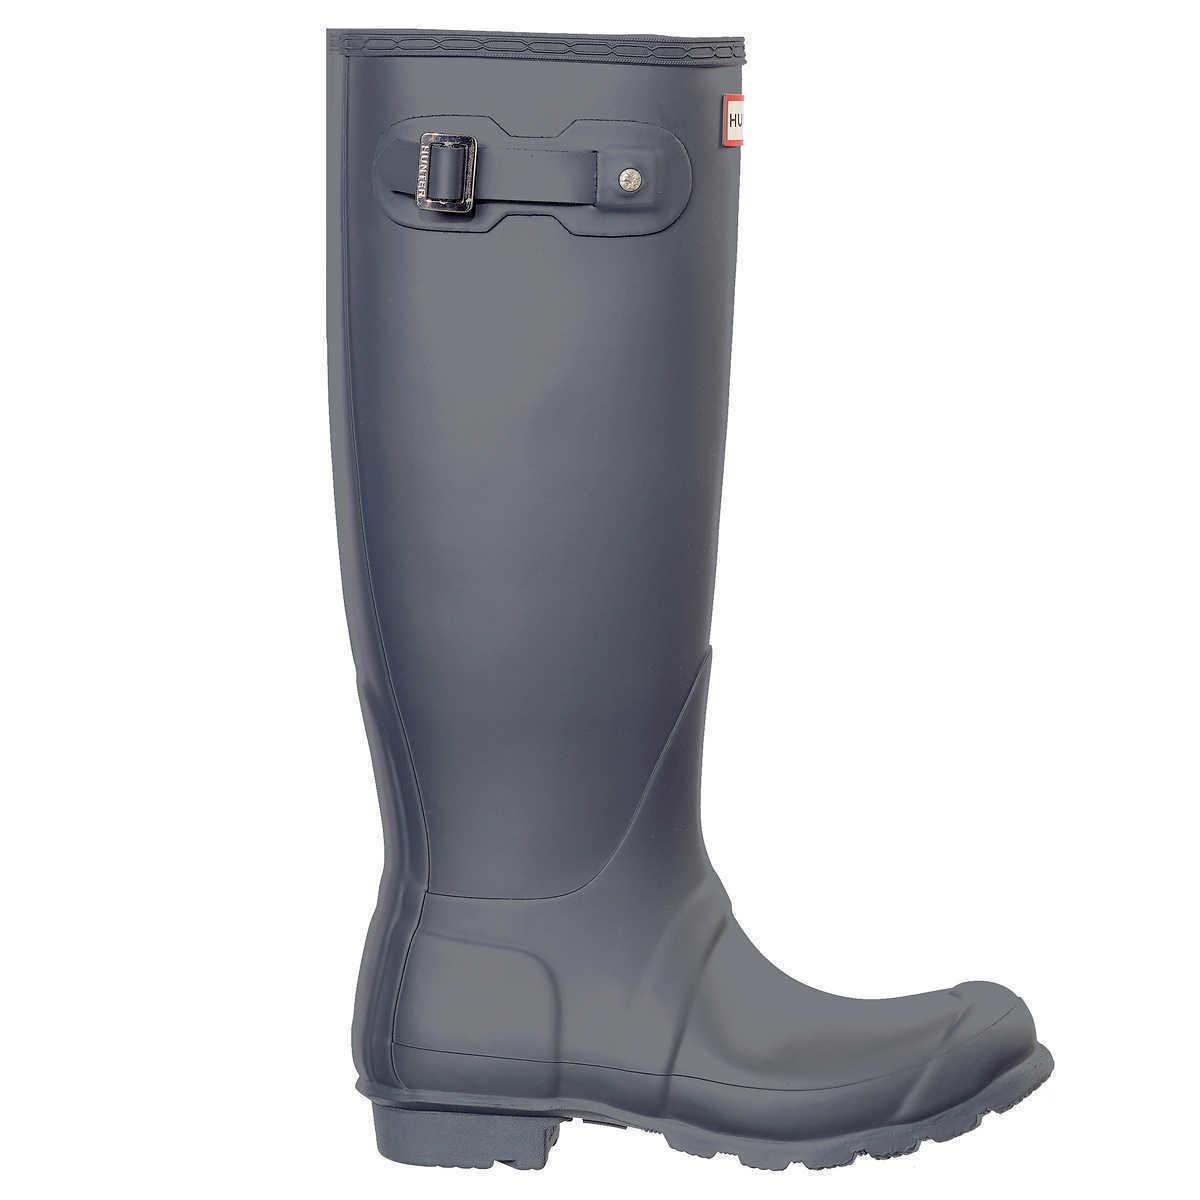 NEW Donna HUNTER Tall Tall HUNTER Original RAIN Waterproof  BOOTS Dark Slate Matte  Size 6 90f077